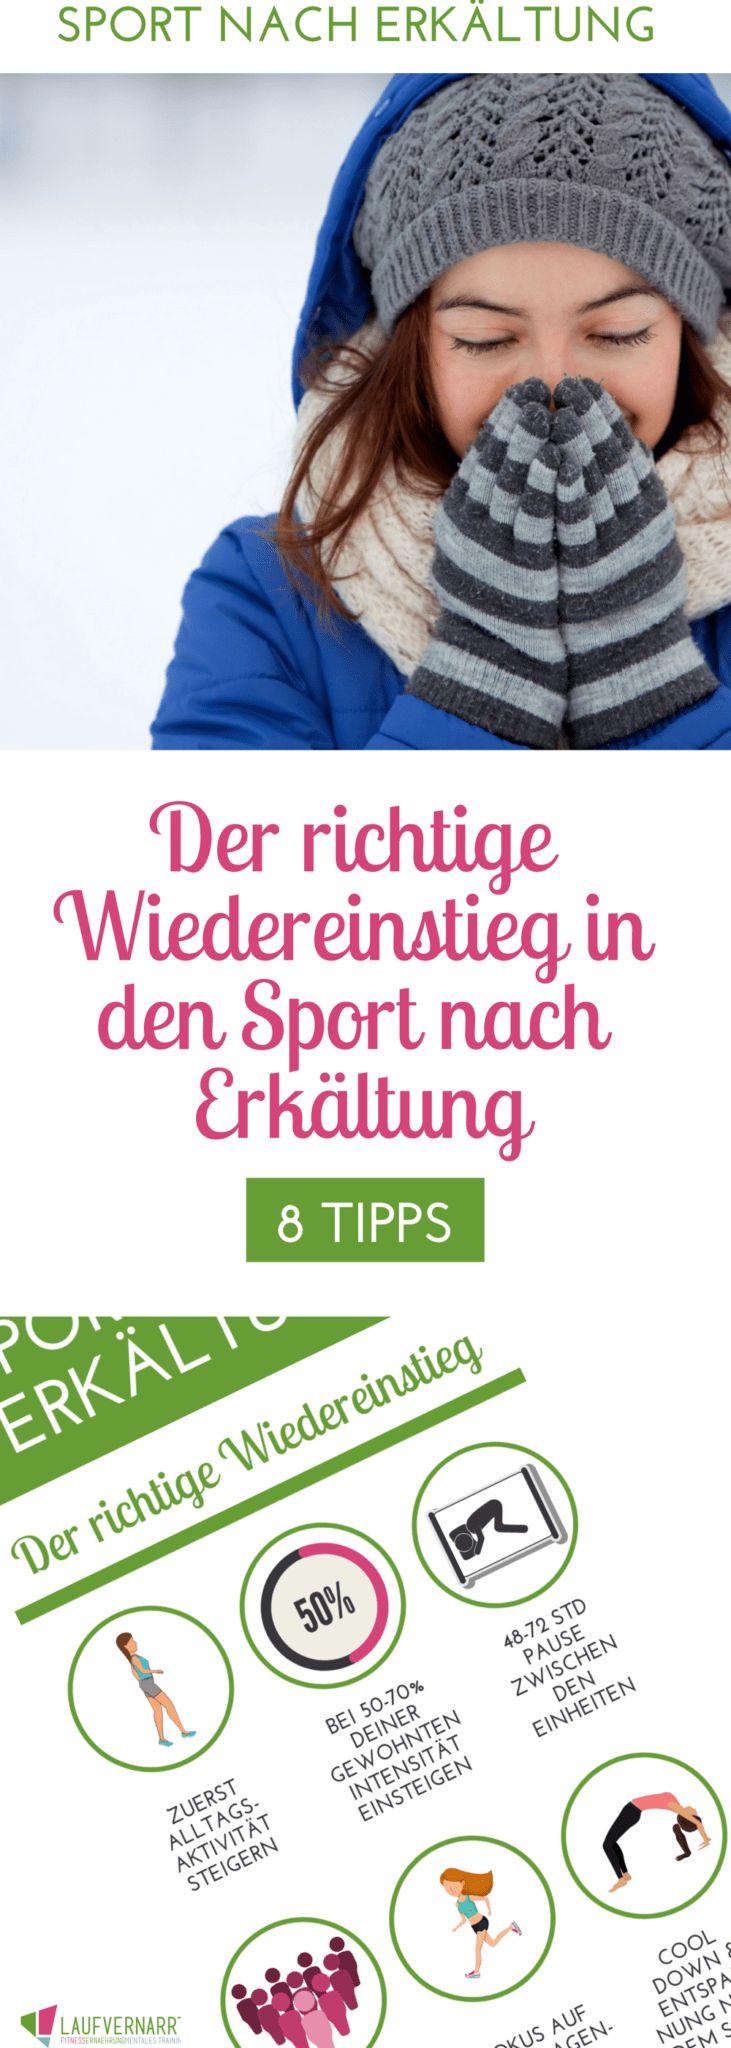 Sport nach Erkältung – über den richtigen Wiedereinstieg – Laufvernarrt – Fitness, Ernährung, Mentales Training